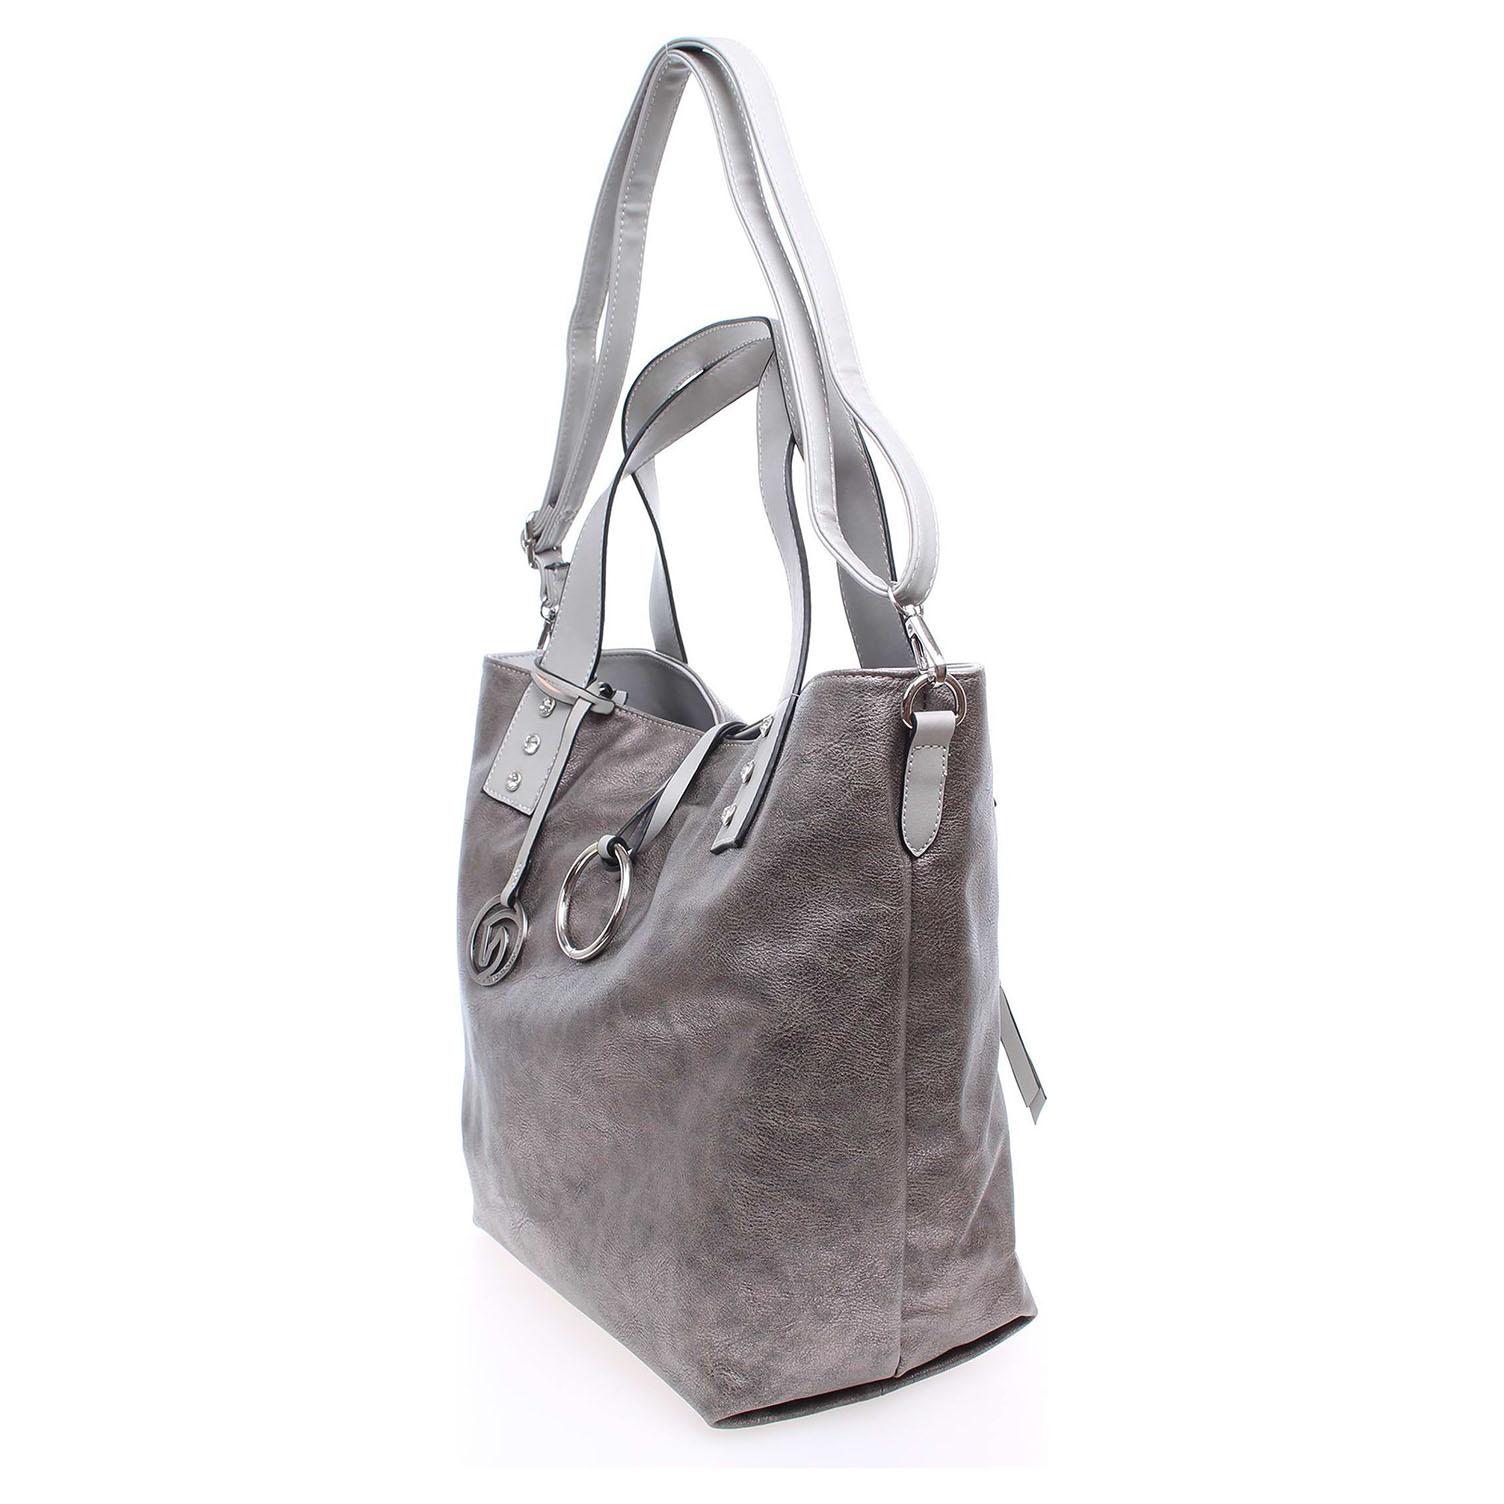 Remonte dámská kabelka Q0368-90 stříbrná 1